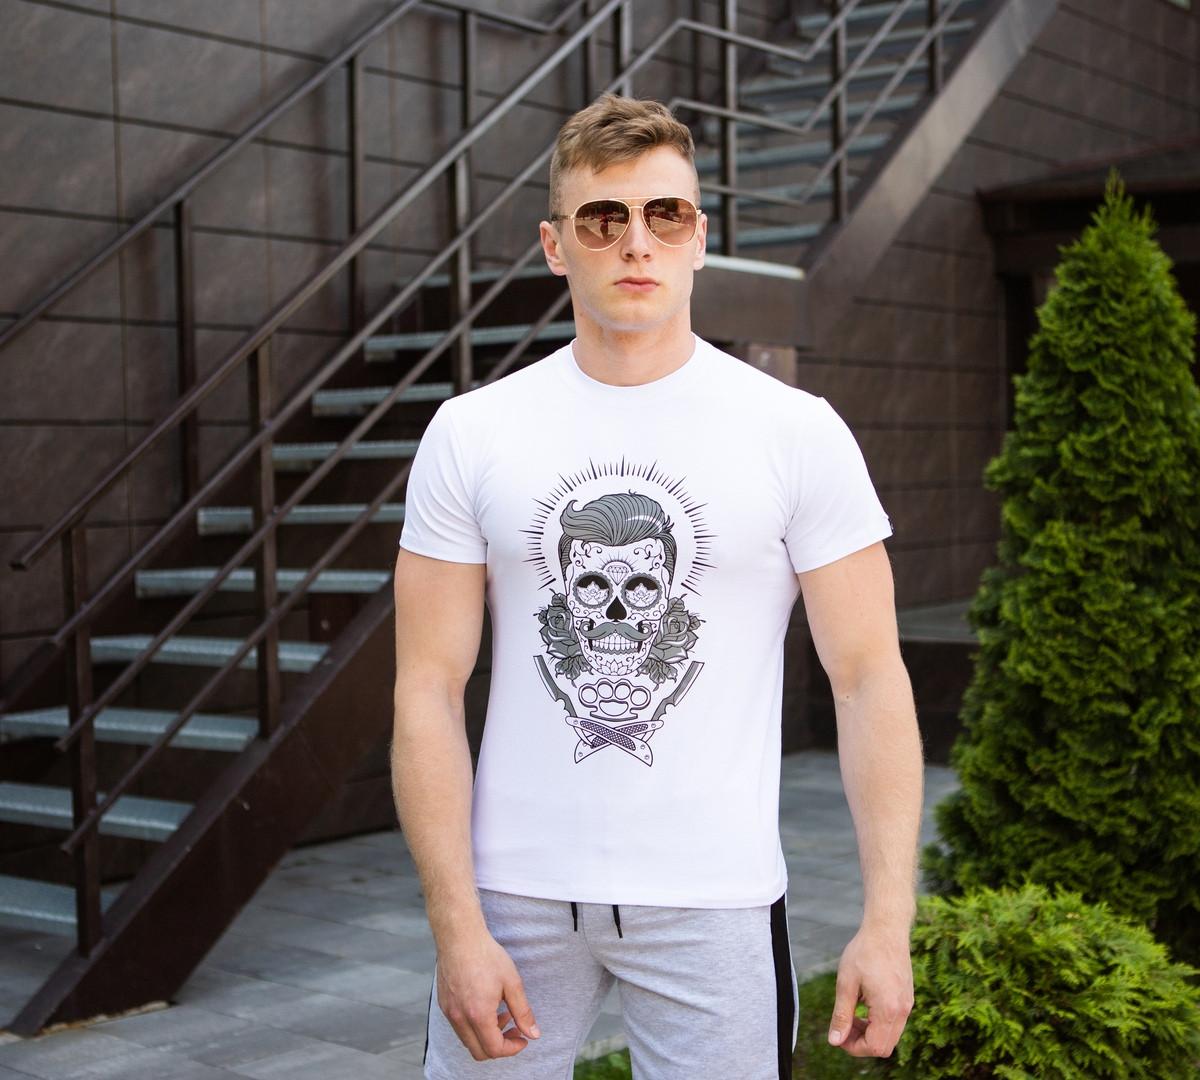 Трикотажная мужская футболка Pobedov  на лето с принтом барбера в белом цвете